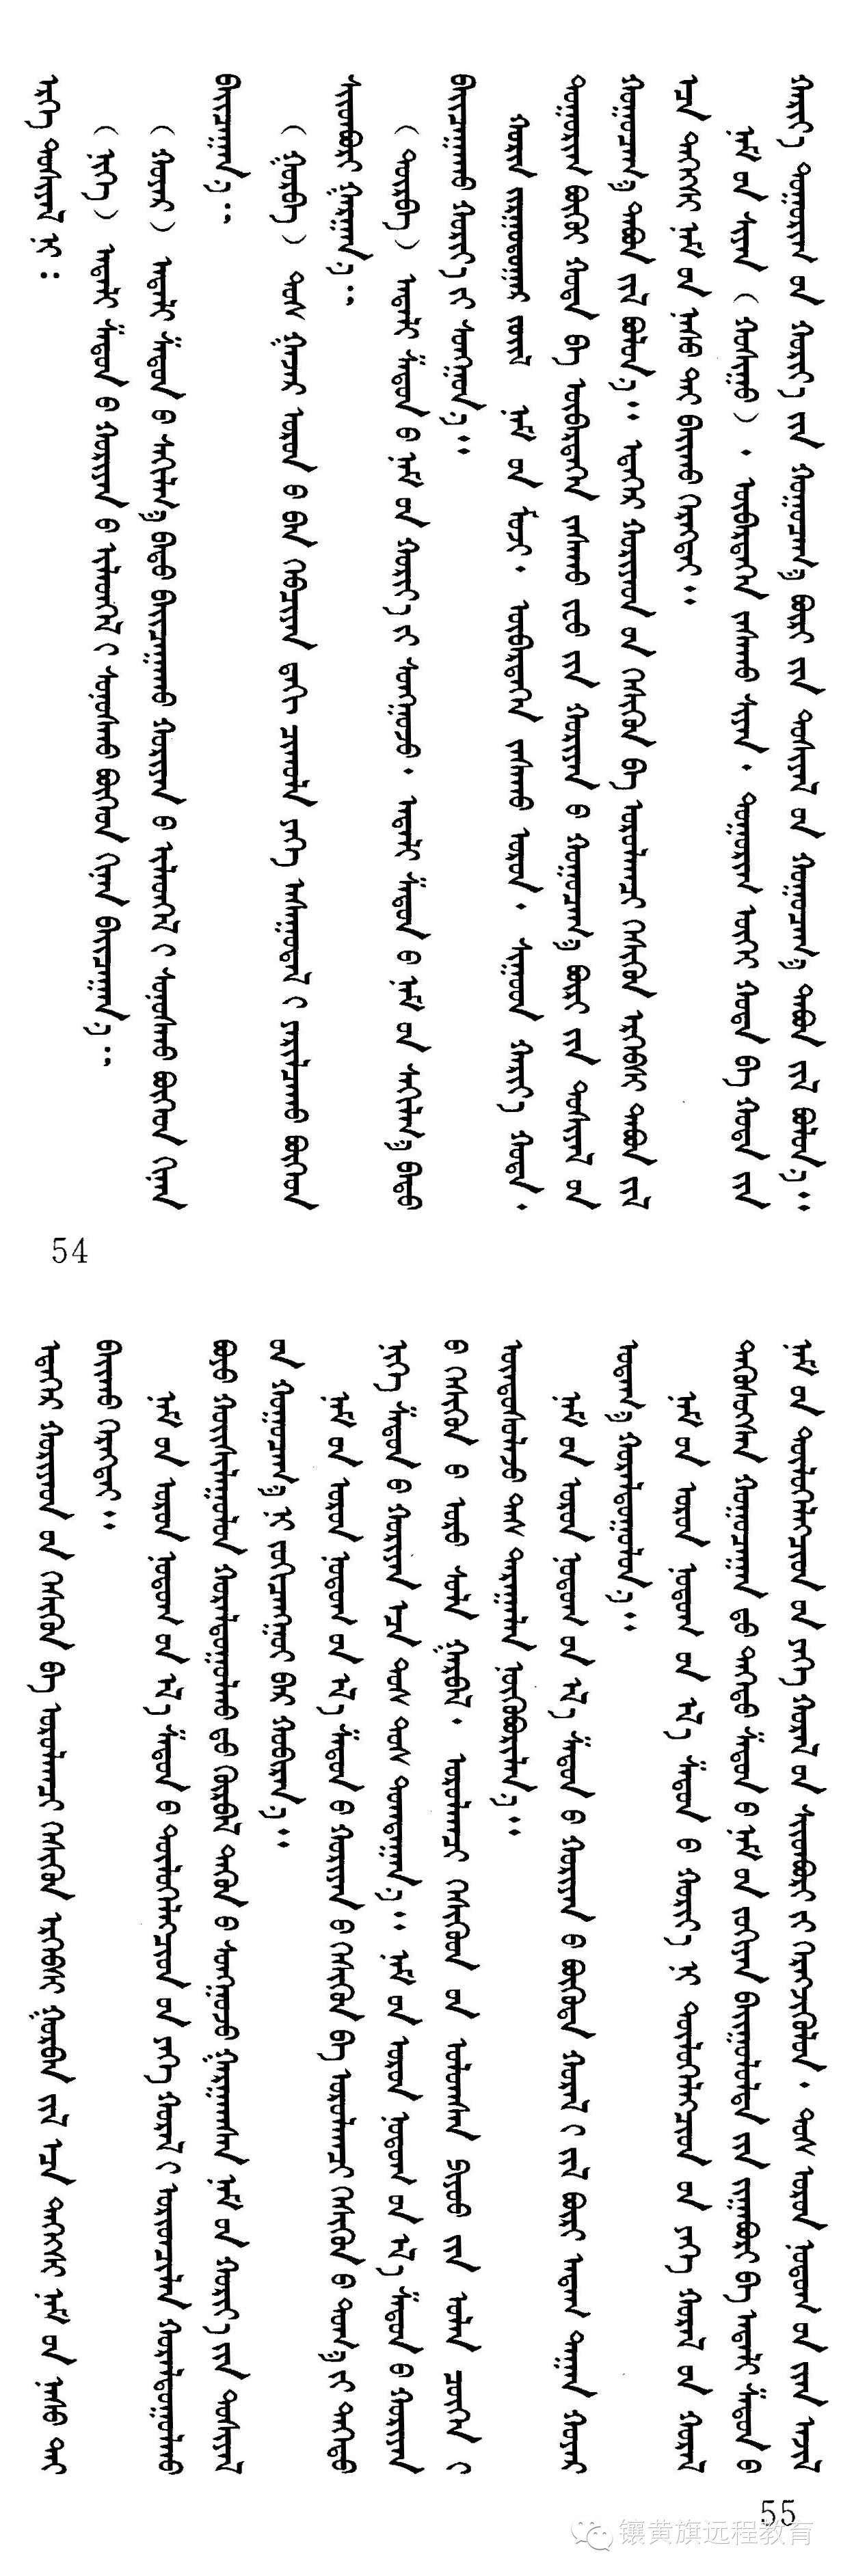 【两学一做材料】蒙文版《党章》 第13张 【两学一做材料】蒙文版《党章》 蒙古文库